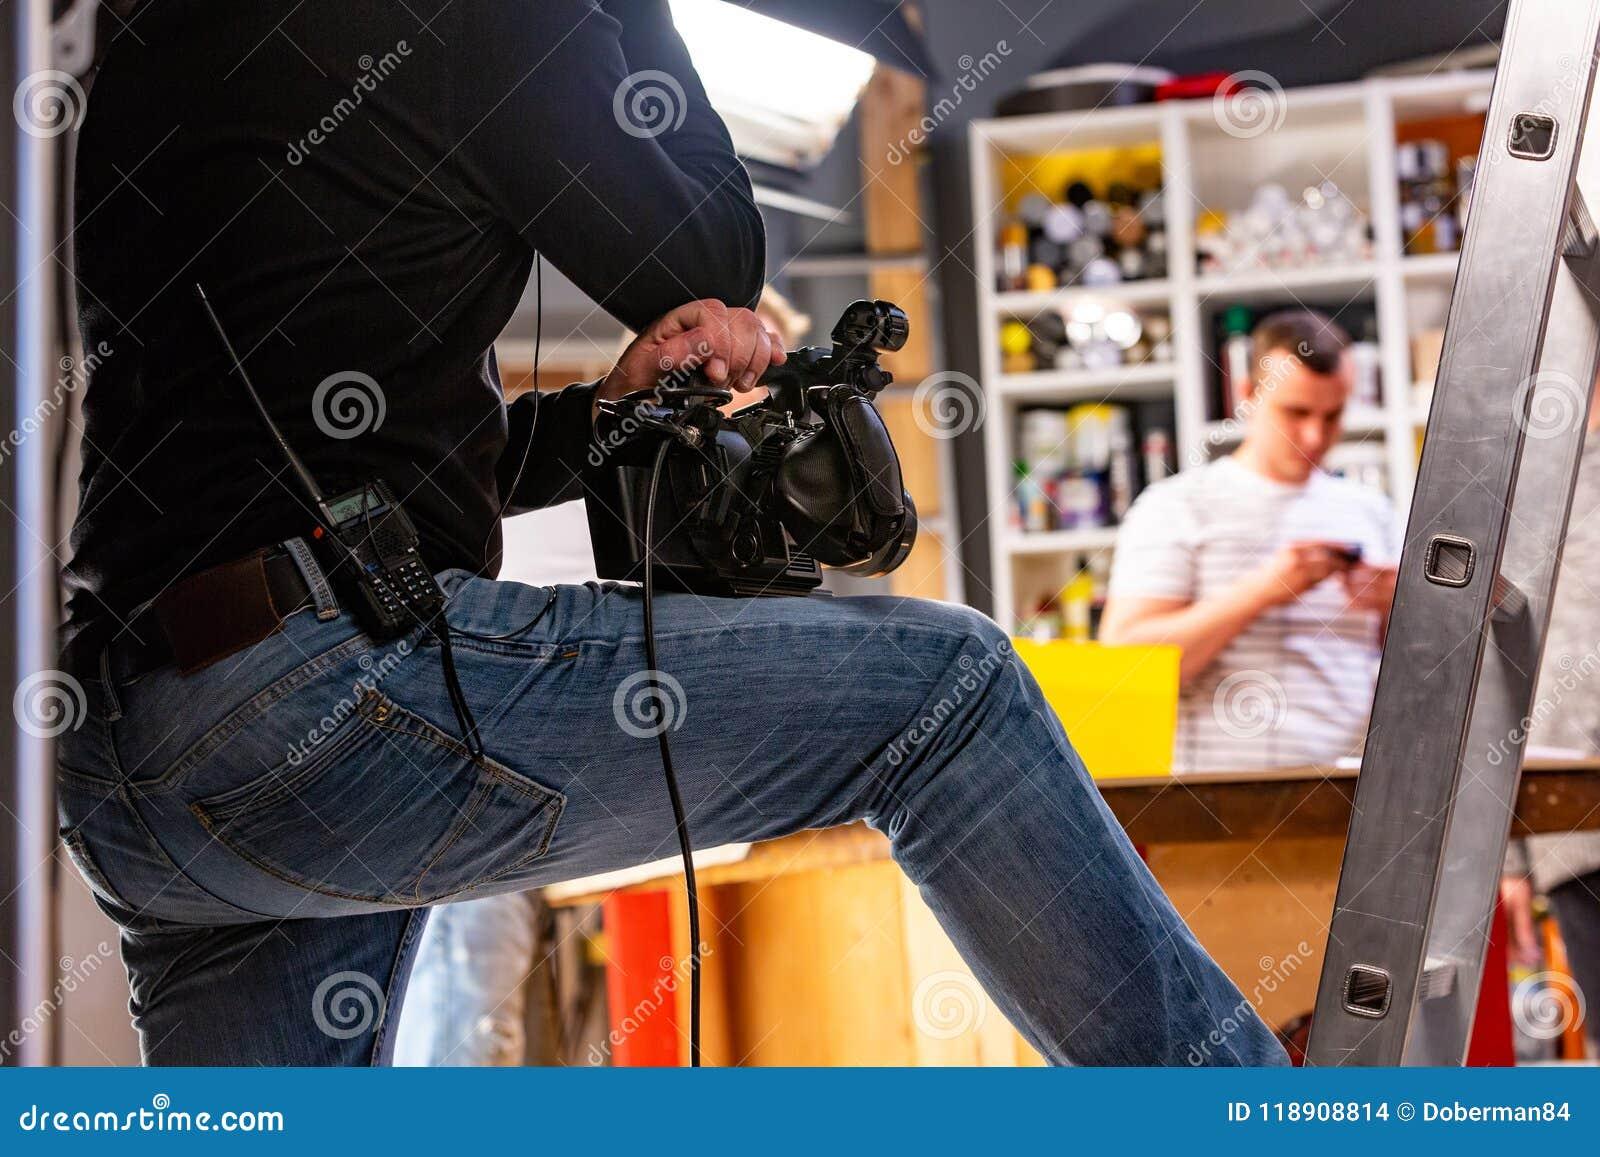 Bak platserna av video produktion- eller videoskytte